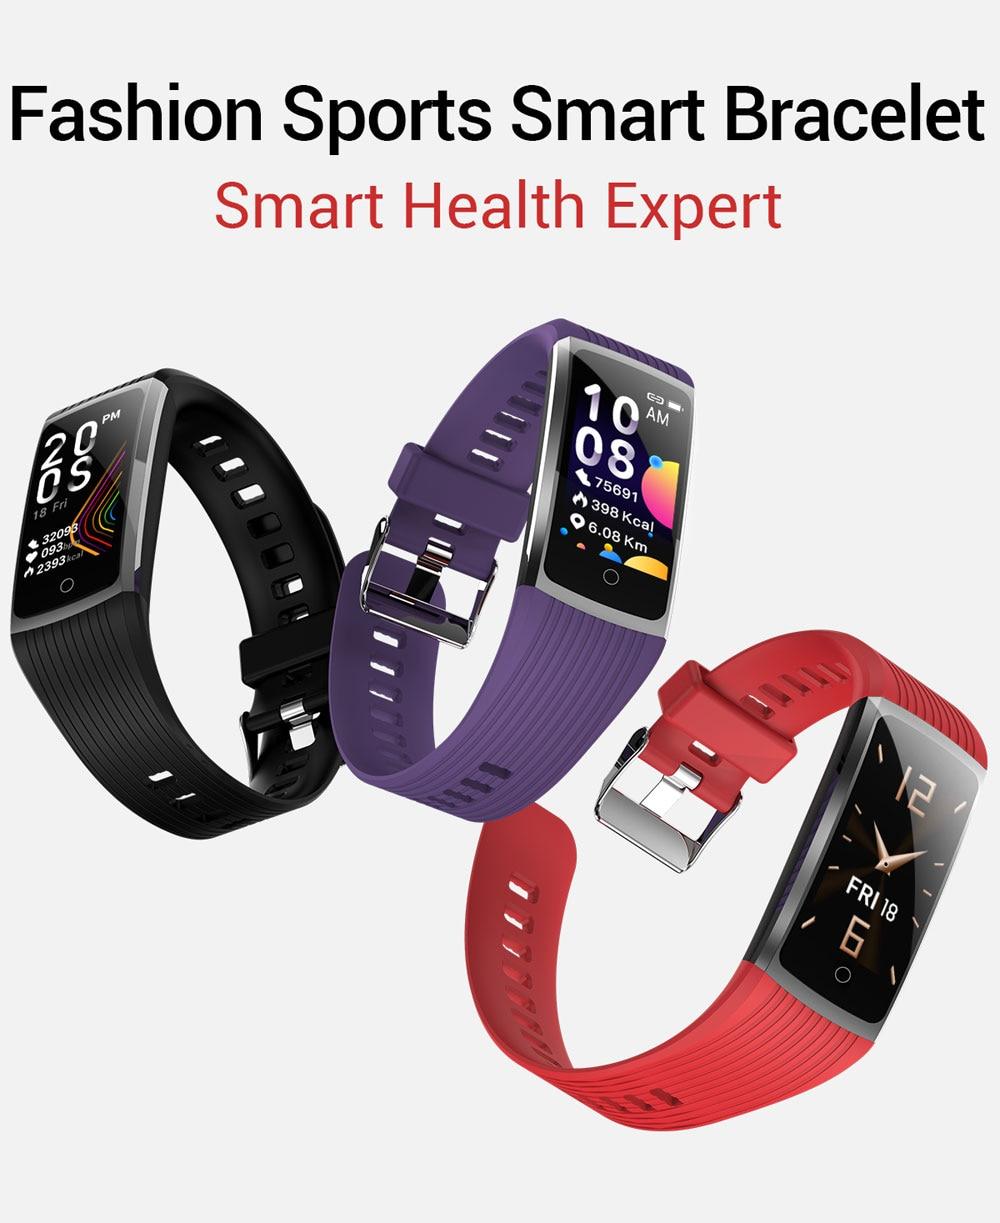 H11f00c0af7414886b5ec3db1f6178be7D 2020 Fitness Bracelet Blood Pressure Fitness Tracker Waterproof Smart Bracelet Heart Rate Smart Band Watch Wristband Men Women